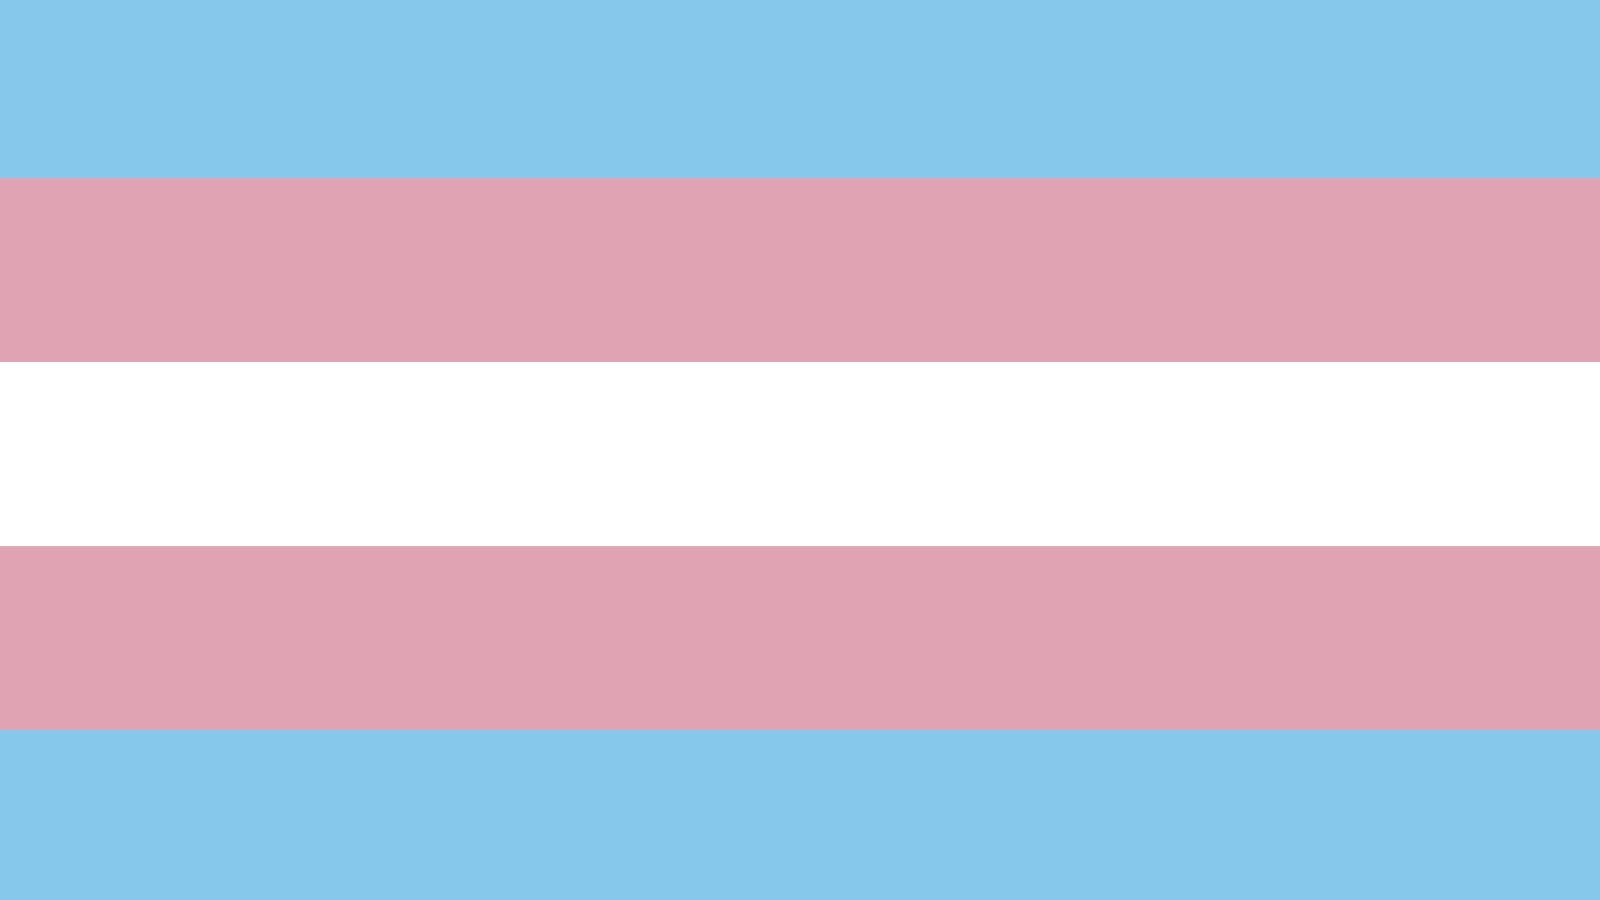 The Transitioners Primer Symbols Of Pride The Transgender Flag